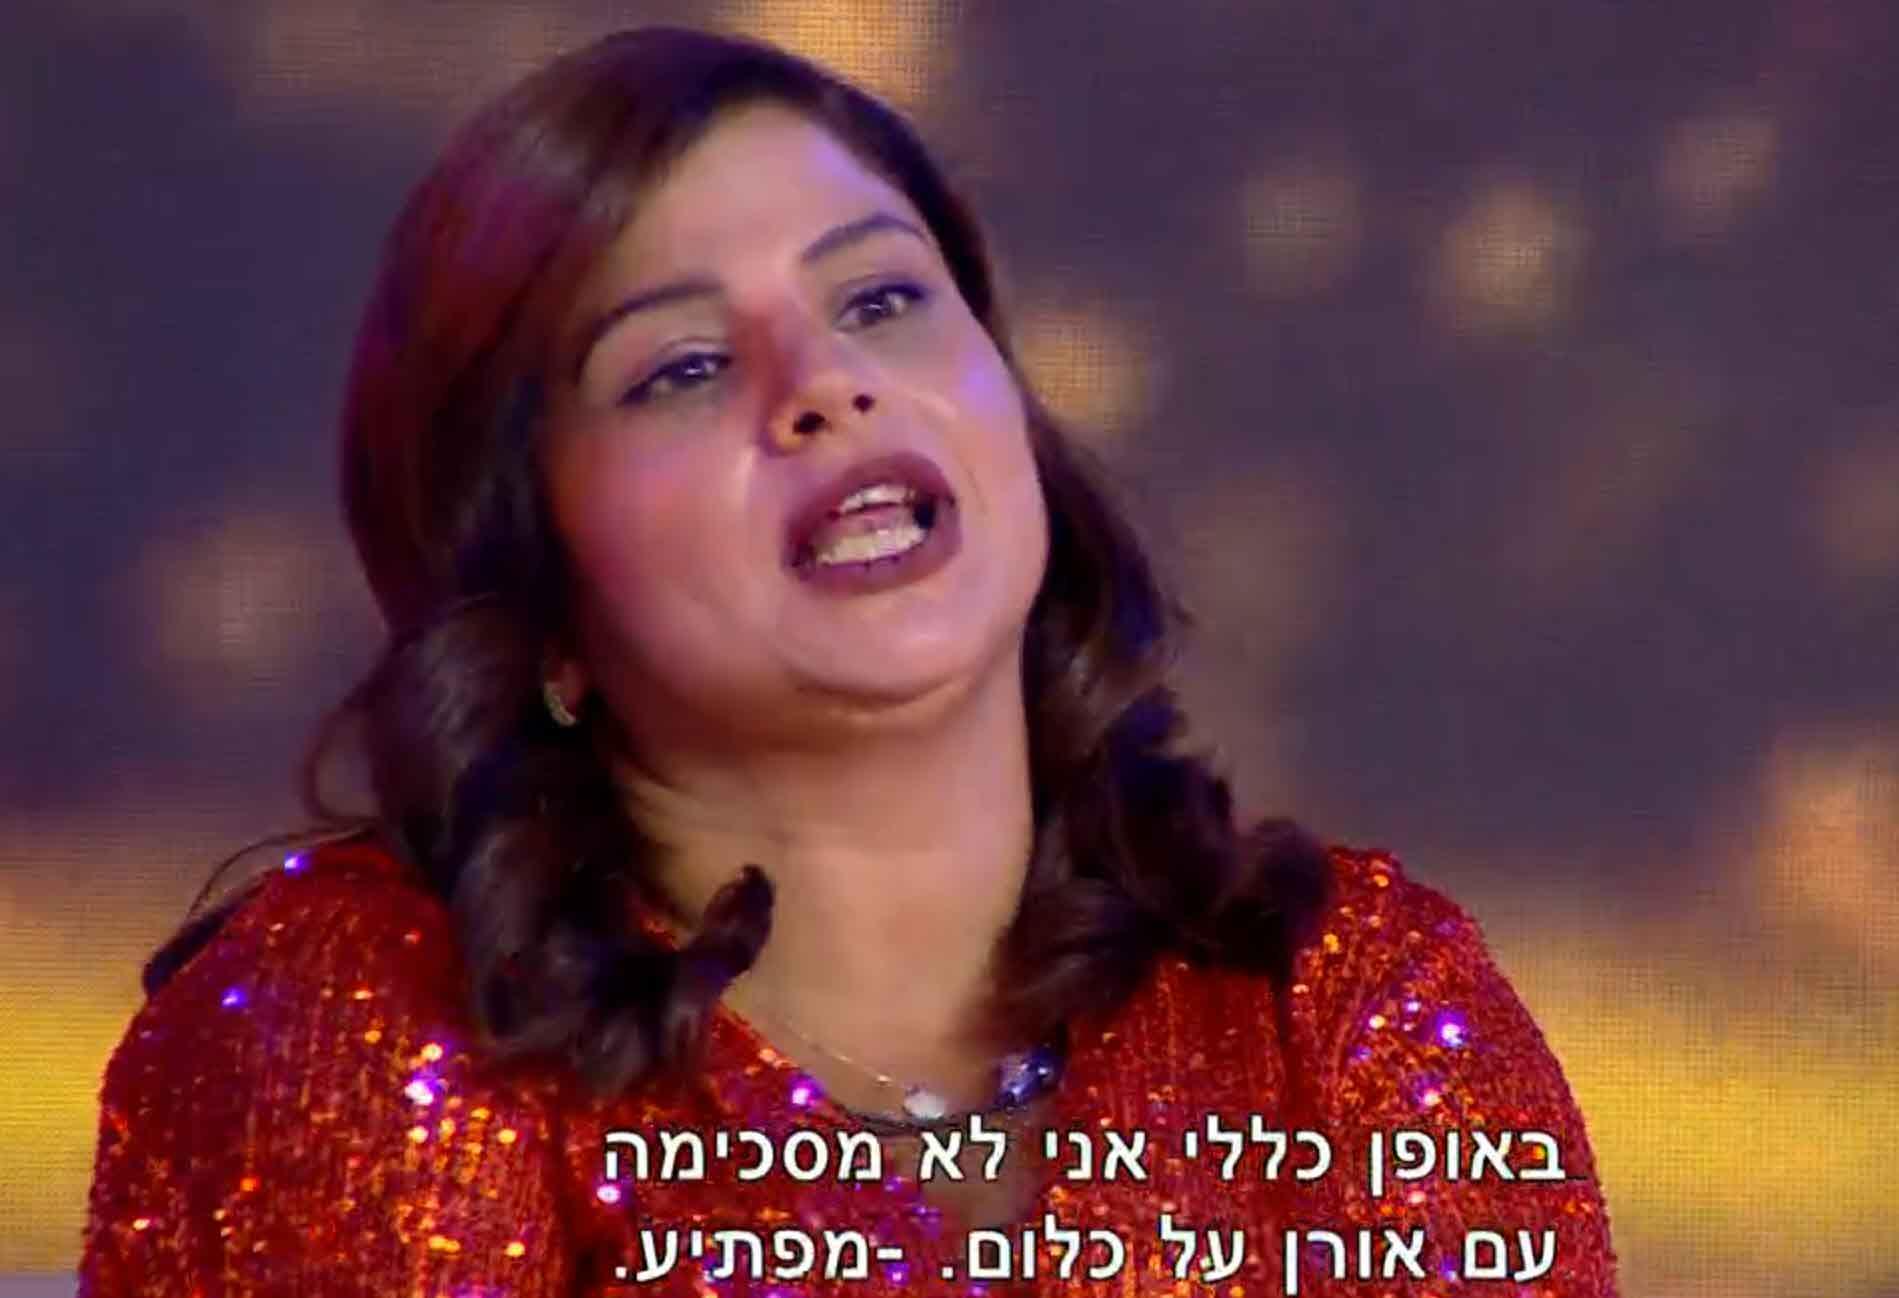 בלעדי: רינת חזן משיבה אש לדברים שאמרה עליה מאיה בצלאל באח הגדול!